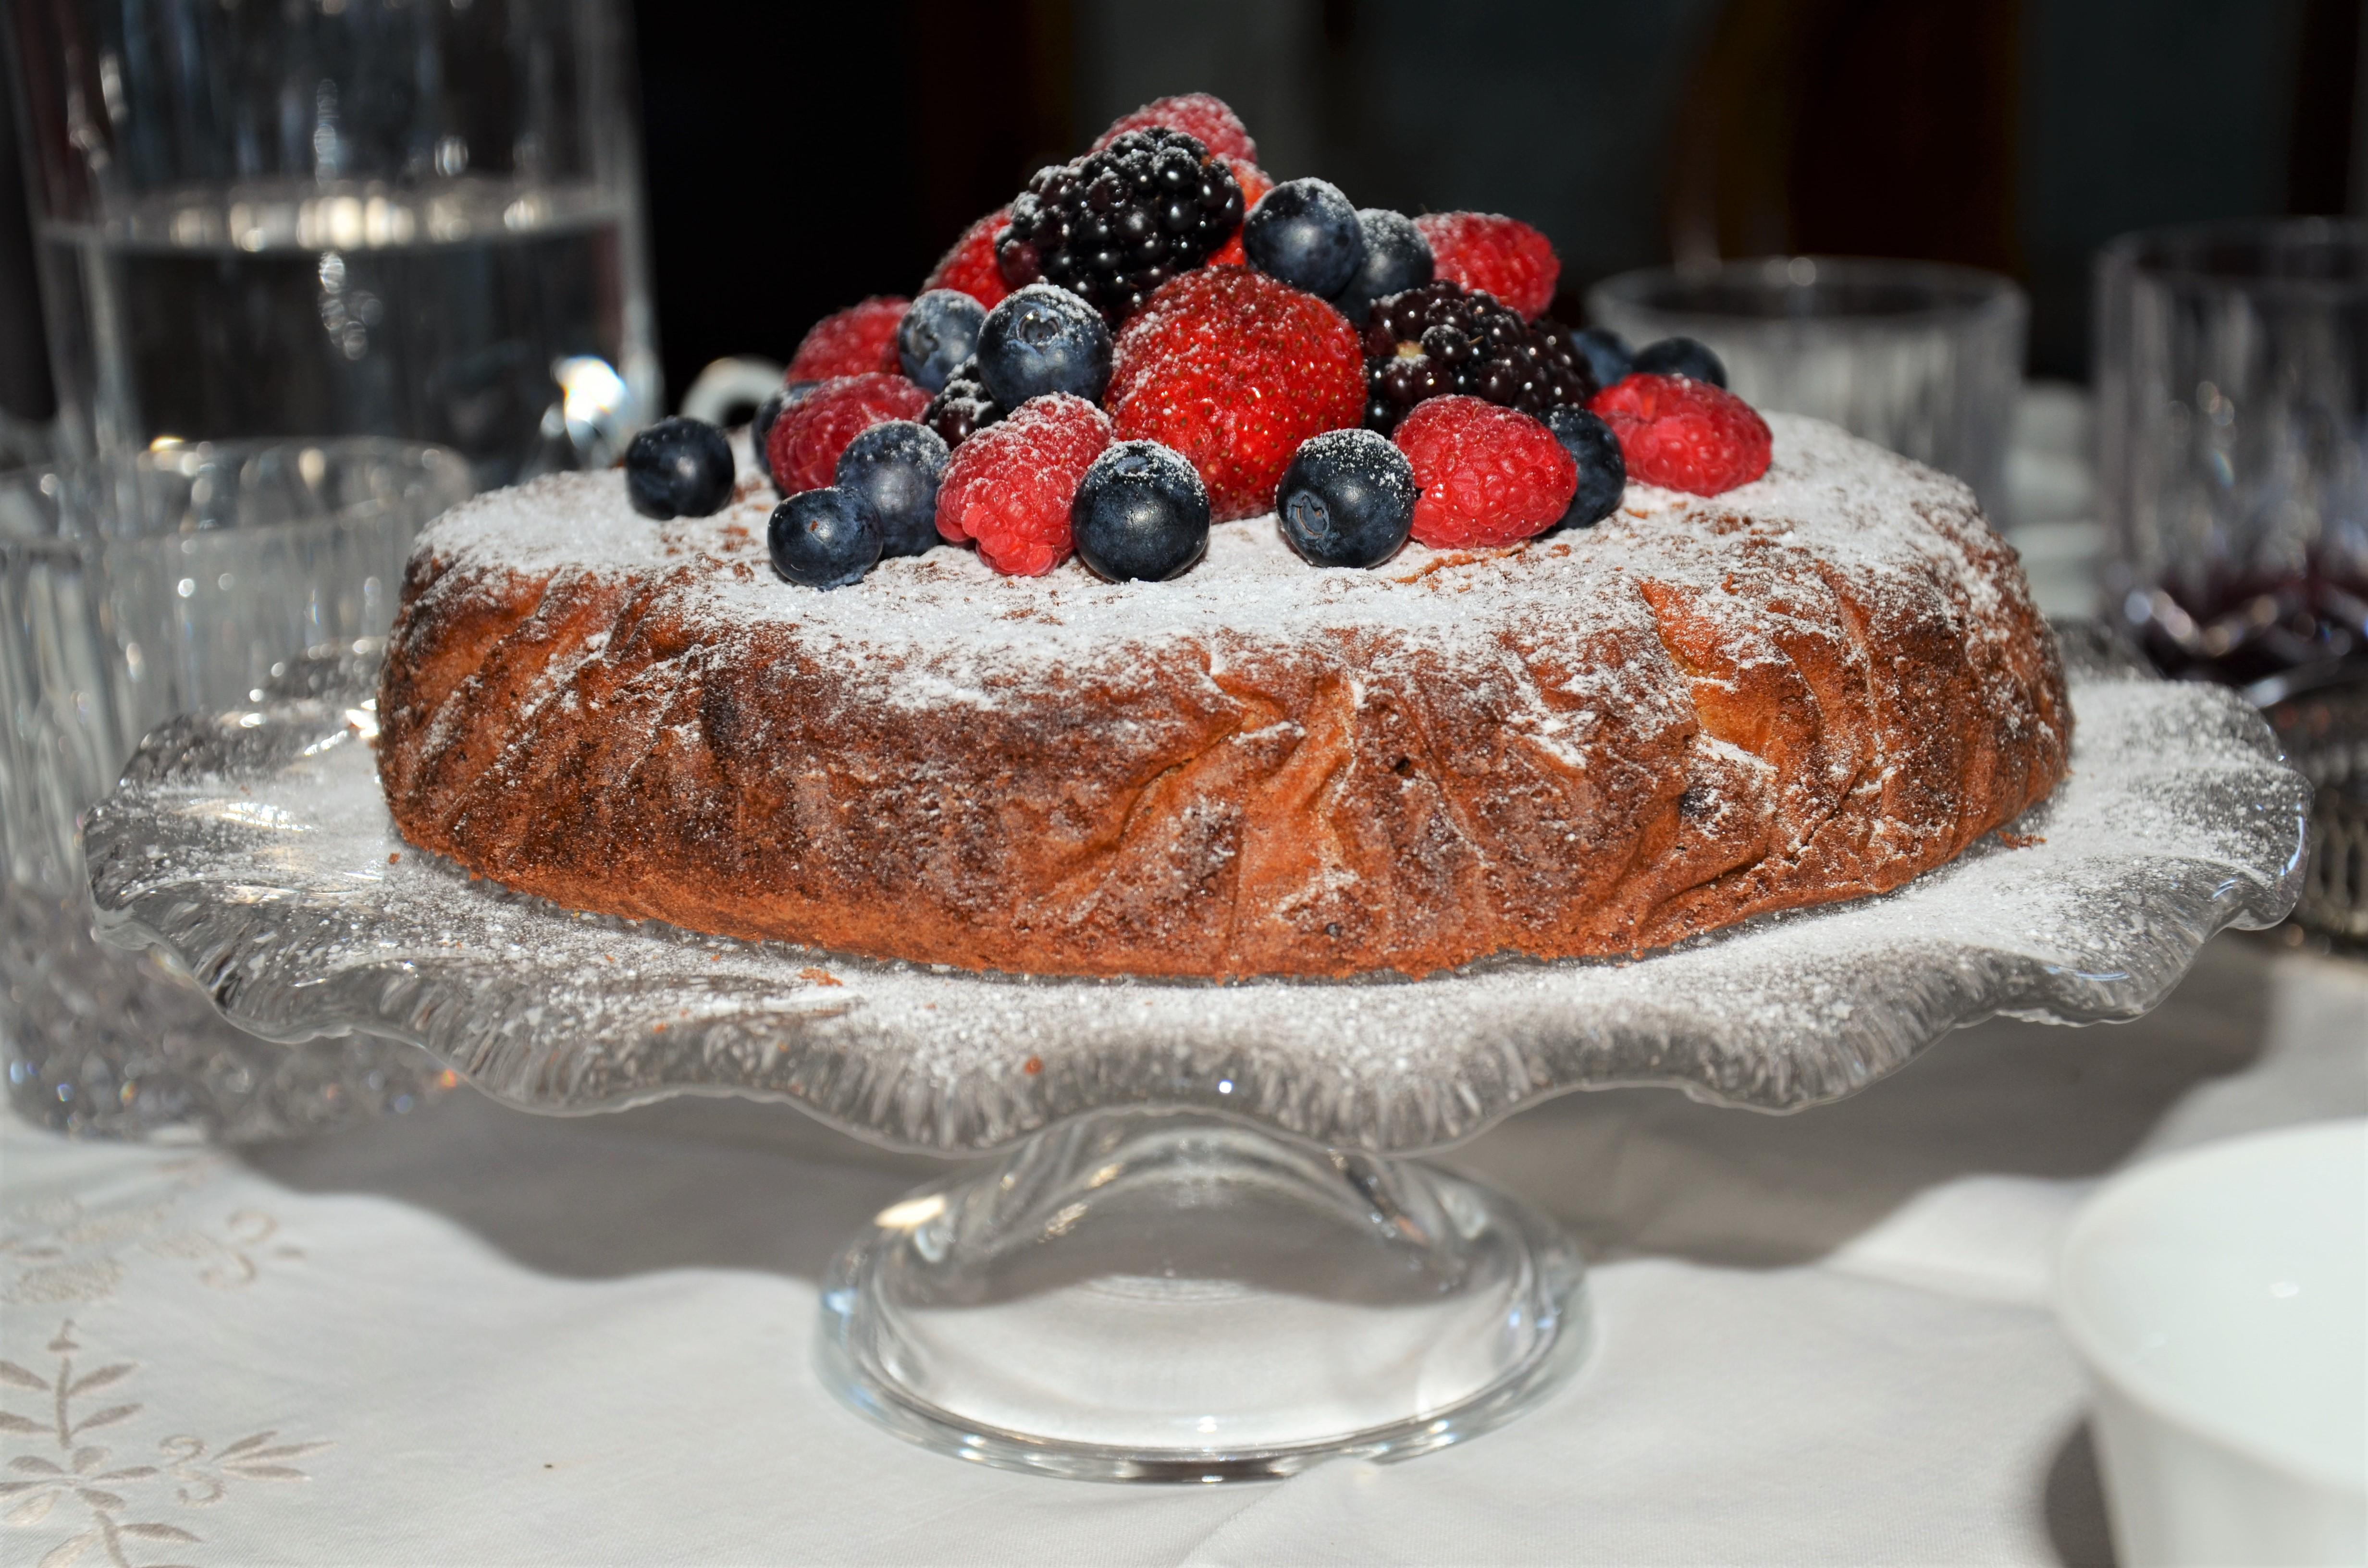 Butter cake по-итальянски & неприличный анекдот про то, как делают сливочное масло